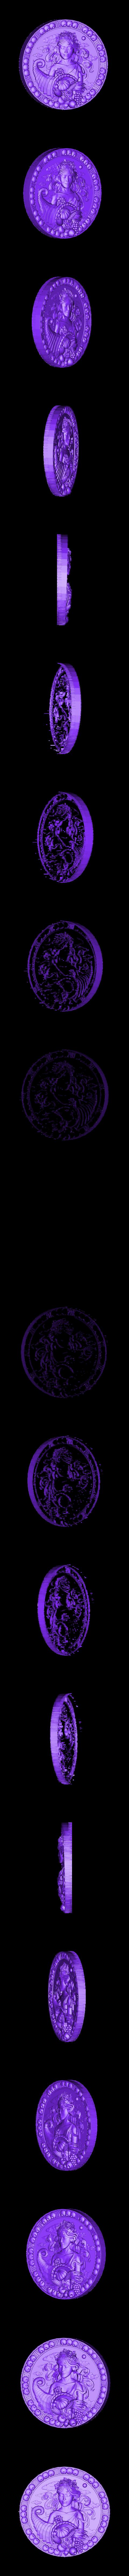 4.stl Télécharger fichier STL gratuit Signe du zodiaque • Modèle pour imprimante 3D, 3DPrinterFiles